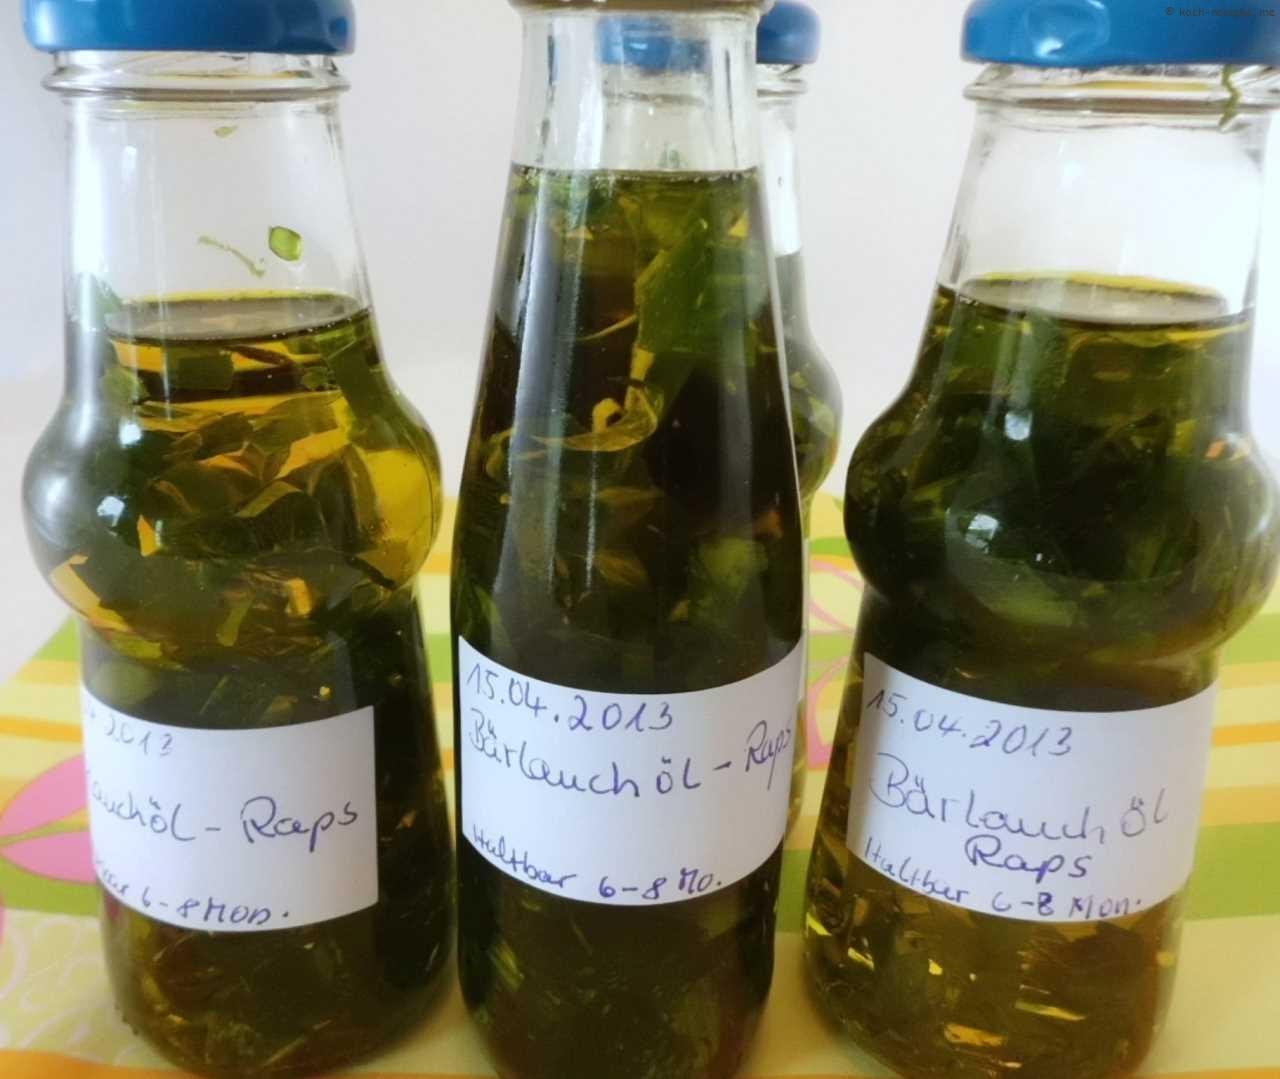 fertig nun noch 1 Woche dunkel und kühl lagern, wer mag nimmt das Bärlauchgrün aus den Gläsern.